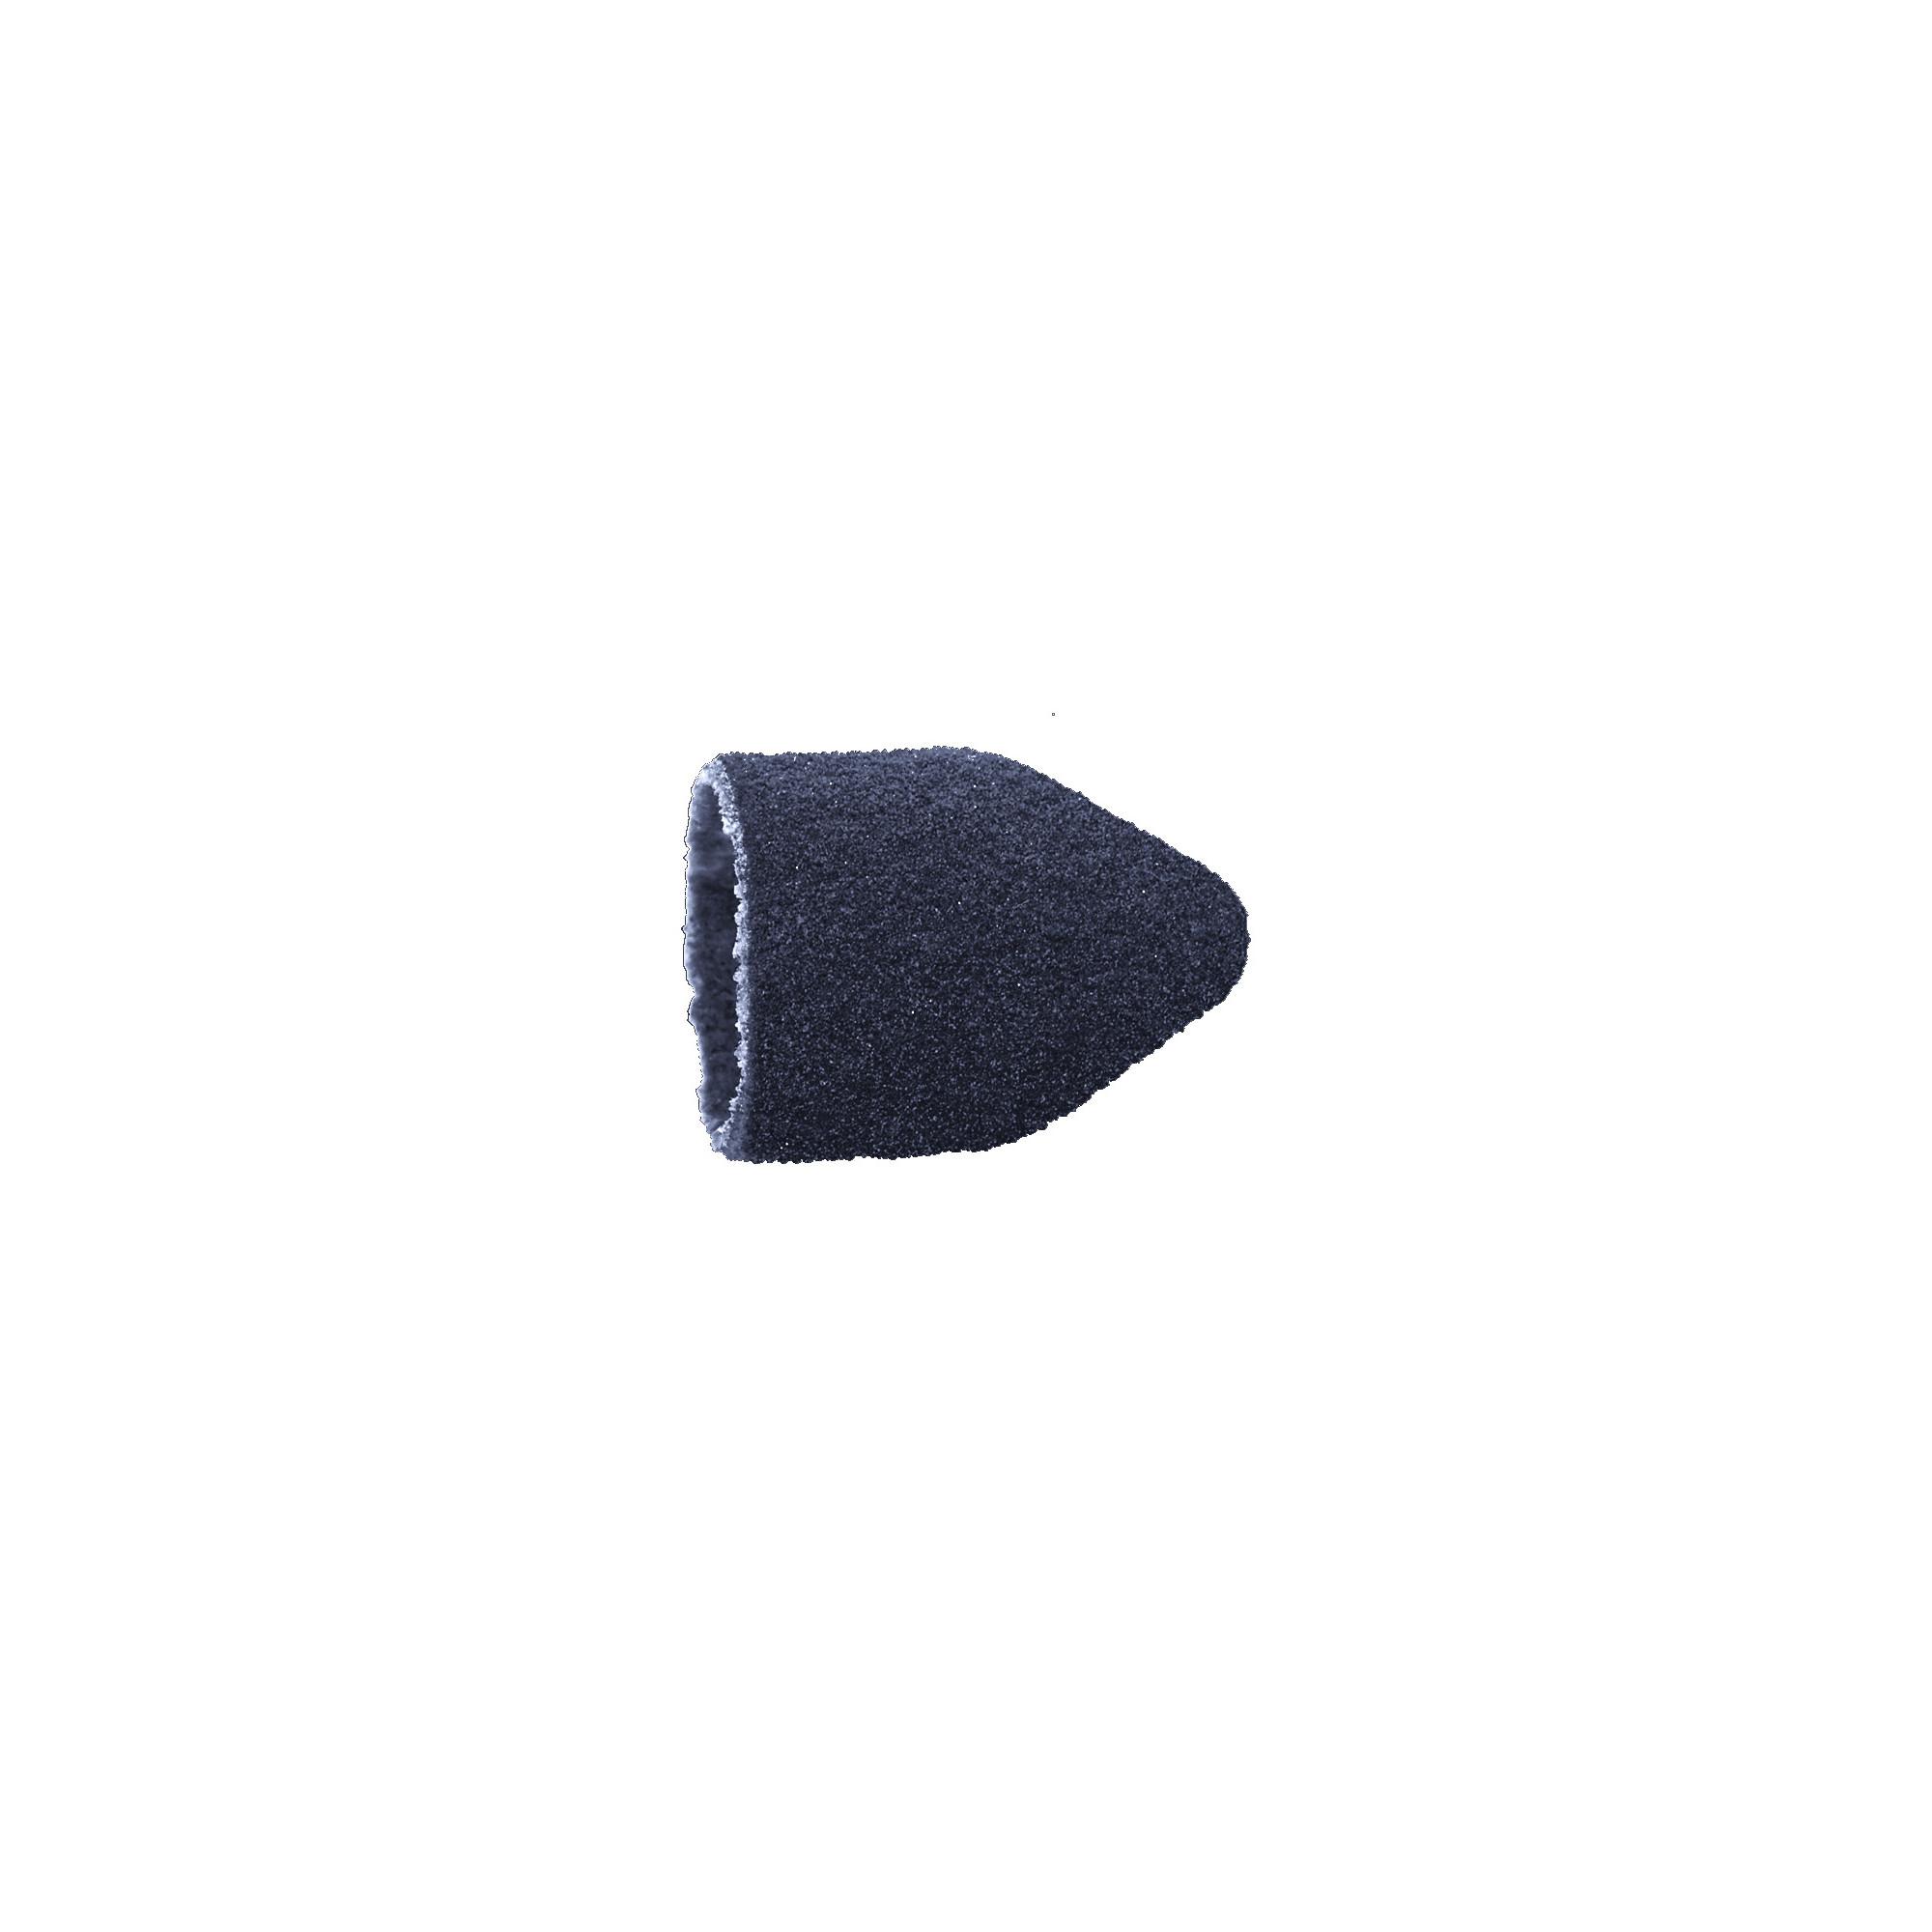 Capuchons abrasifs pointus x10 1601 - Diamant - Grain fin - Abrasion des cors, durillons et hyperkératoses - 10 mm